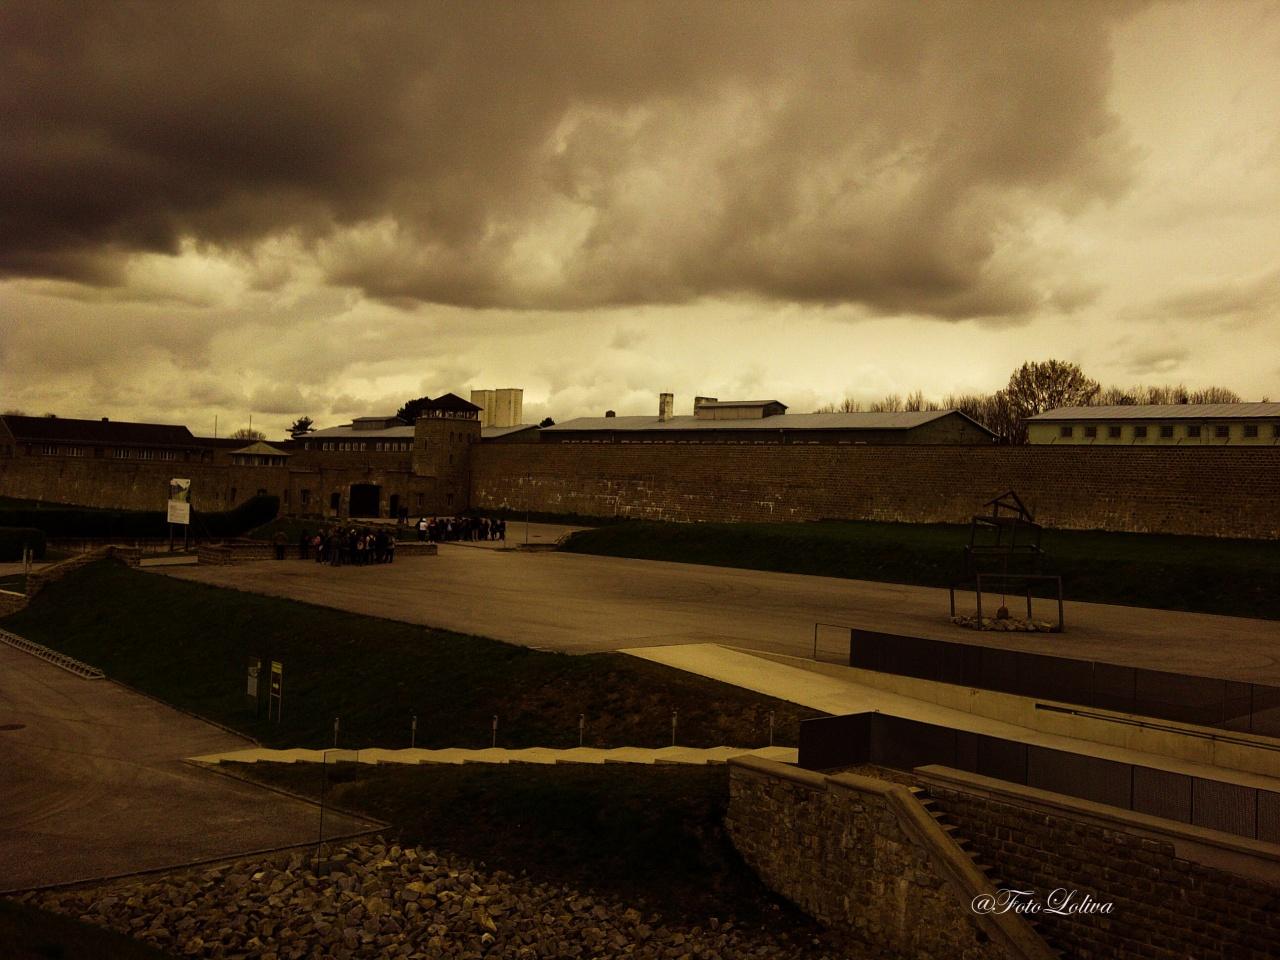 """MAUTHAUSEN - IL CAMPO - Il campo di concentramento di Mauthausen, denominato campo di concentramento di Mauthausen-Gusen dall'estate del 1940, era un lager nazista, una fortezza in pietra eretta nel 1938 in cima a una collina sovrastante la piccola cittadina di Mauthausen, nell'allora Gau Oberdonau, ora Alta Austria, situata a circa venticinque chilometri a est di Linz. Mauthausen, costruito con il granito della sottostante cava, era una estesa fortezza di pietra in uno stile vagamente orientale, tanto che l'ingresso principale al lager era chiamato dai prigionieri """"La Porta mongola"""". La fortezza, di pianta rettangolare, era chiusa su tre lati da mura di pietra spesse due metri e alte fino a otto. Il lato del lager che non si riuscì a finire fu chiuso da un reticolato di filo spinato percorso da corrente elettrica ad alta tensione, luogo di numerosi suicidi. Considerato impropriamente come semplice campo di lavoro, fu di fatto, fra tutti i campi nazisti, «il solo campo di concentramento classificato di """"classe 3"""" (come campo di punizione e di annientamento attraverso il lavoro)». Vi si attuò lo sterminio soprattutto attraverso il lavoro forzato nella vicina cava di granito e la consunzione per denutrizione e stenti, pur essendo presenti anche alcune piccole camere a gas."""